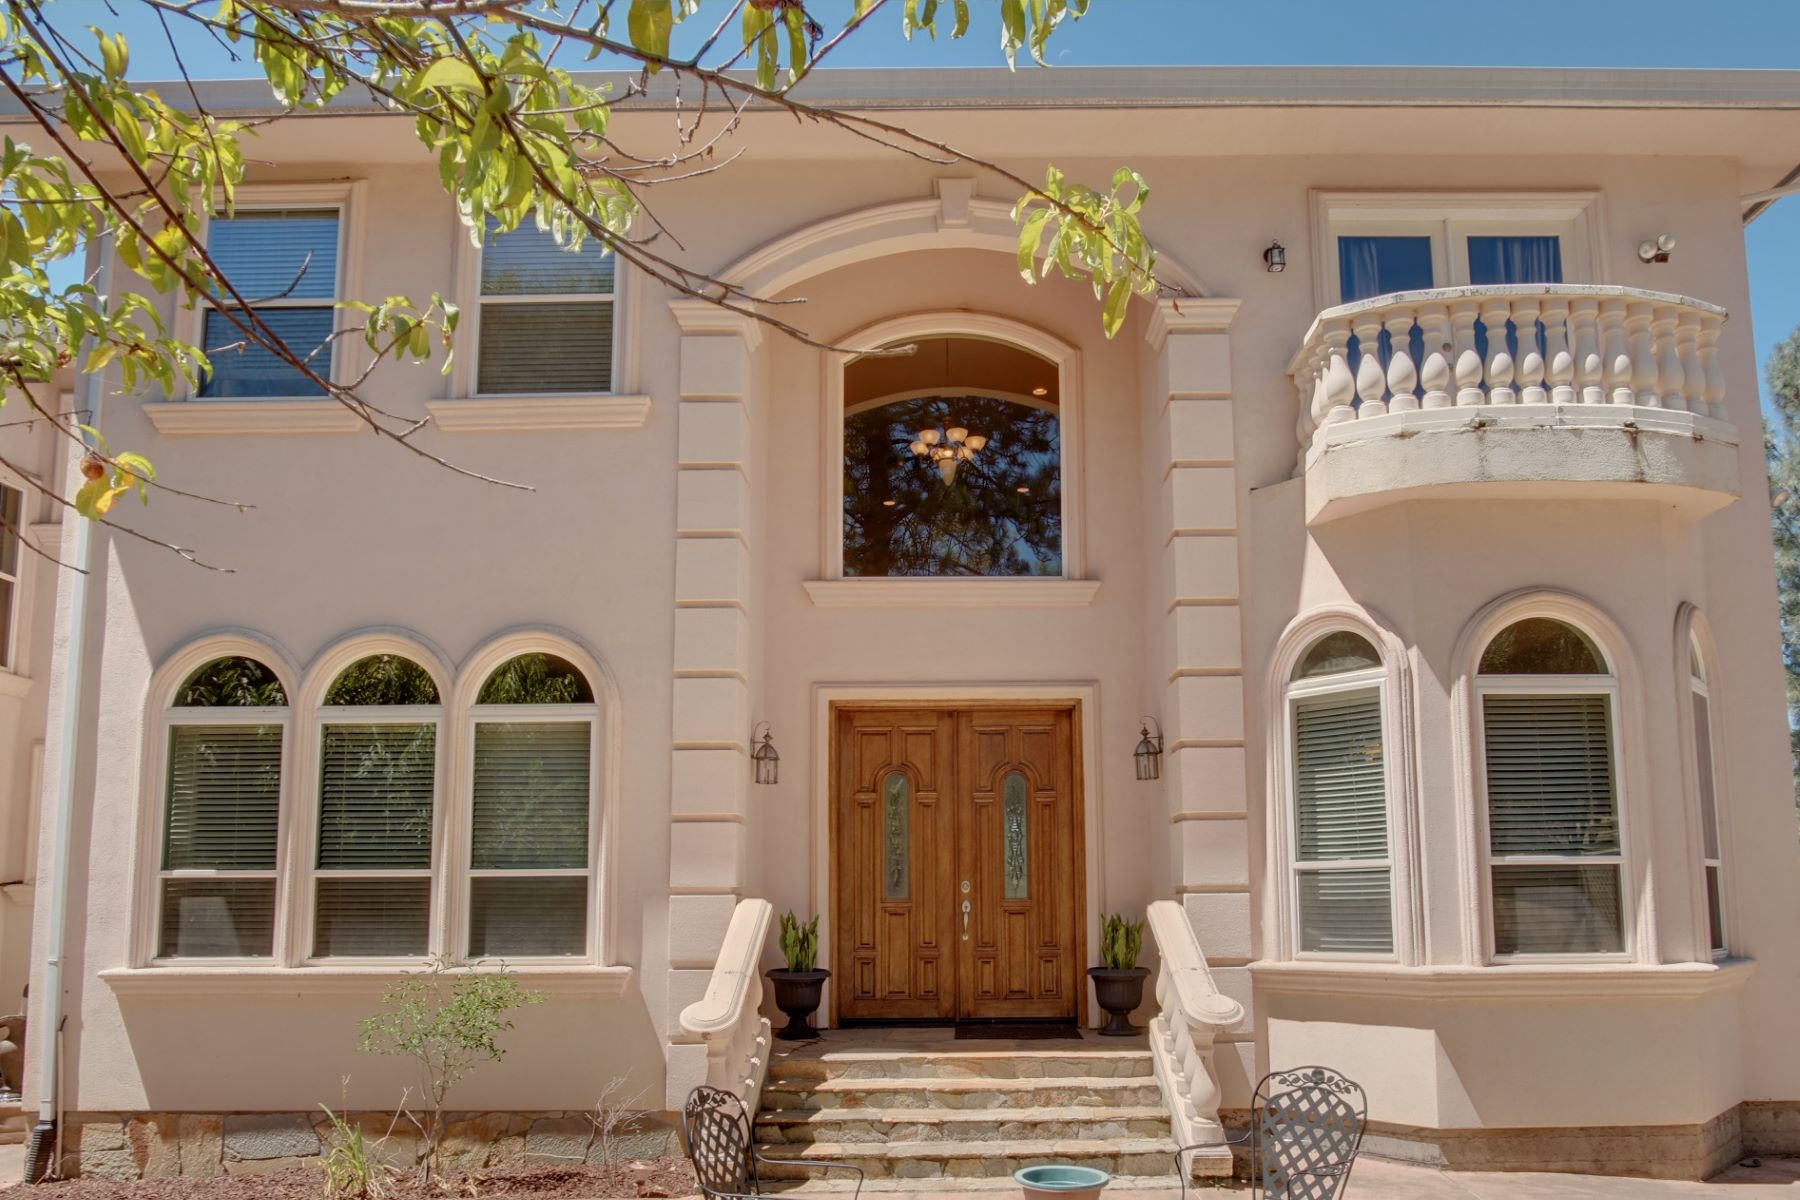 一戸建て のために 売買 アット 7200 Nutmeg Lane, Placerville, CA 95667 Placerville, カリフォルニア 95667 アメリカ合衆国